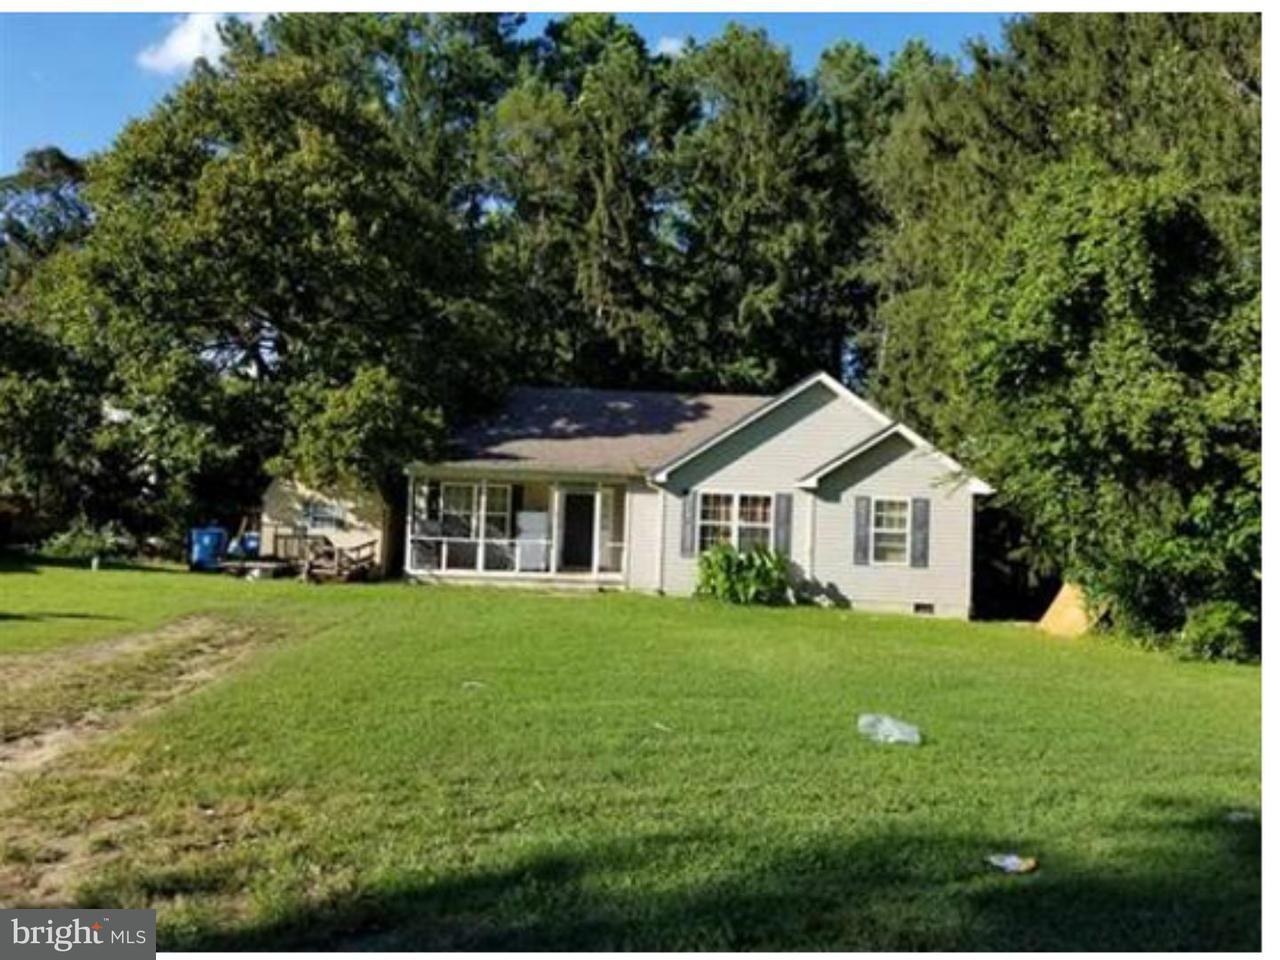 Частный односемейный дом для того Продажа на 13 APPLETREE Lane Wyoming, Делавэр 19934 Соединенные Штаты